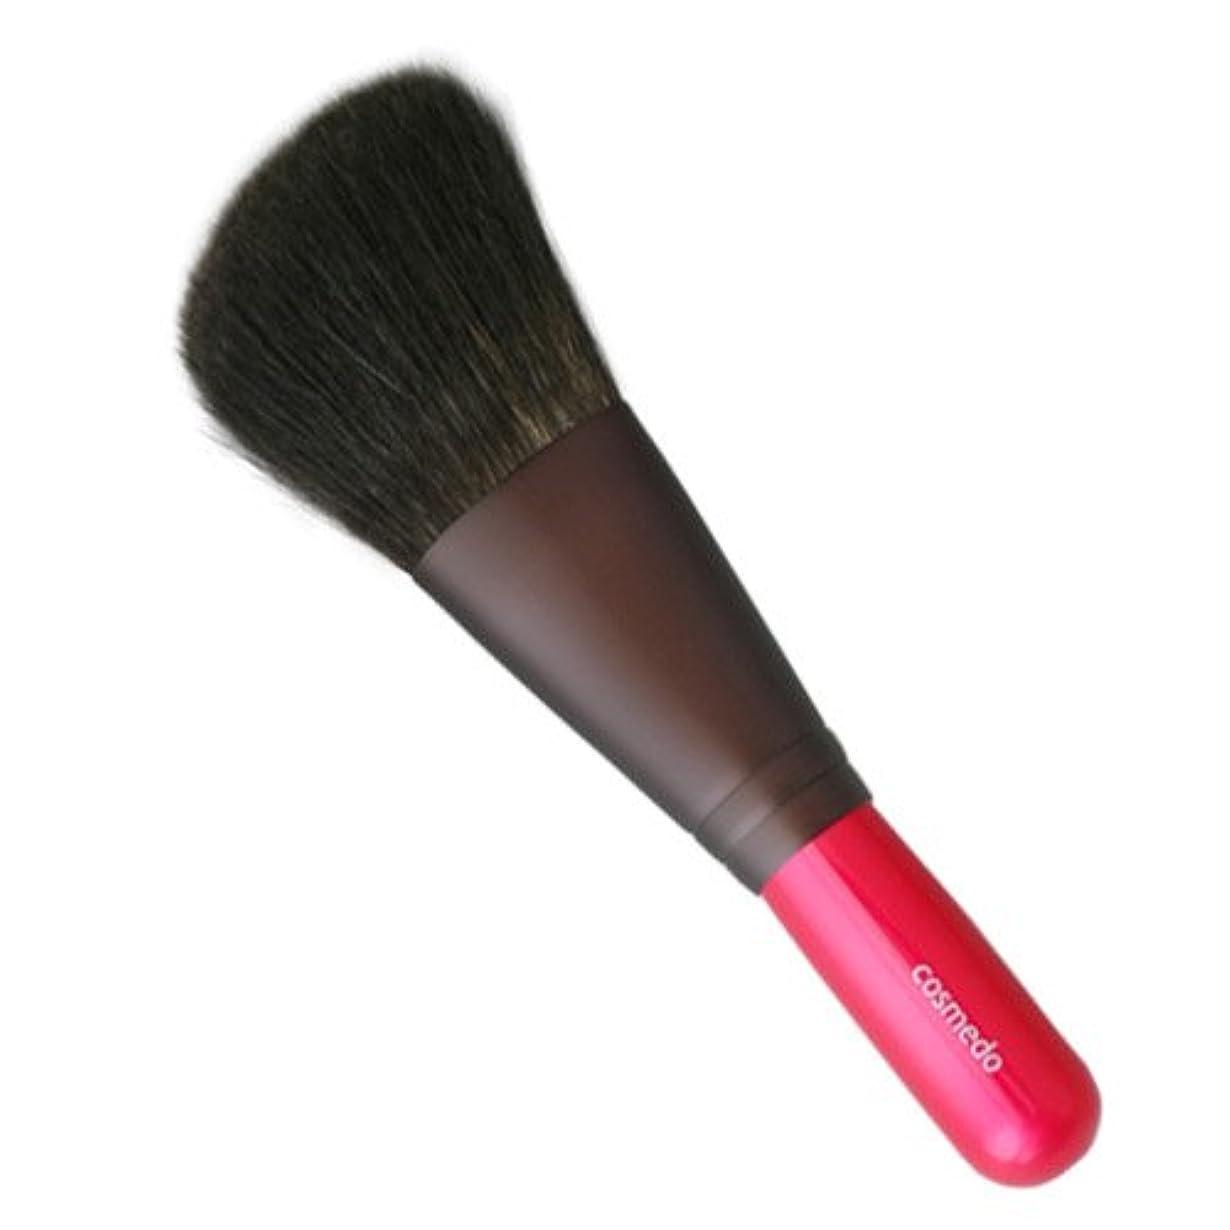 テントエンターテインメント対処する匠の化粧筆コスメ堂 熊野筆 メイクブラシ 灰リス100% ナナメ フェイスブラシ(パウダーブラシ)日本製 ショートタイプ PK-F01